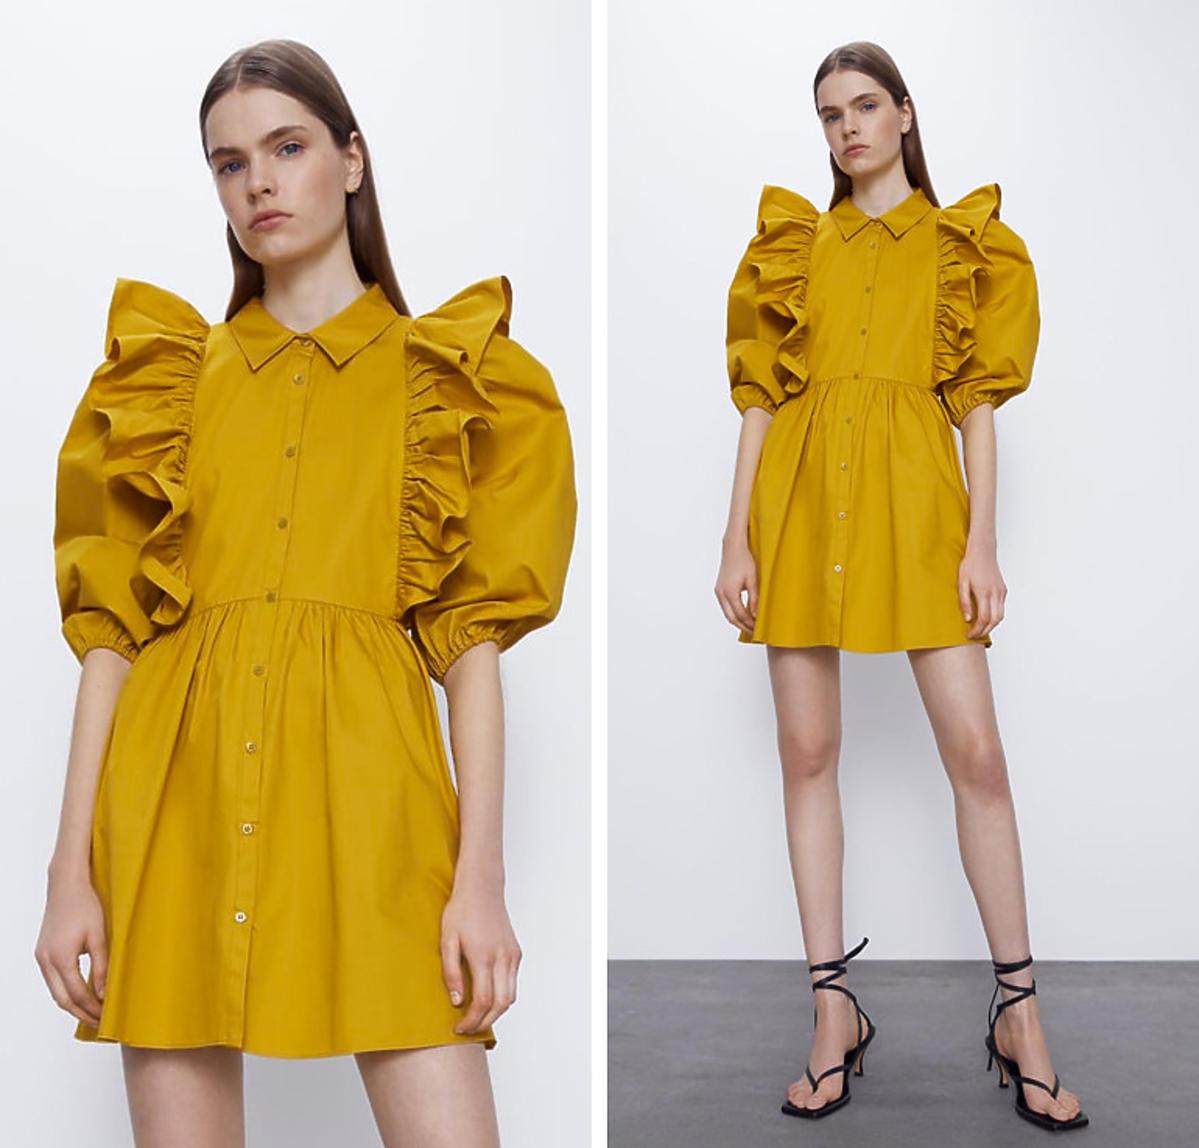 Sukienka Zara, 139 zł